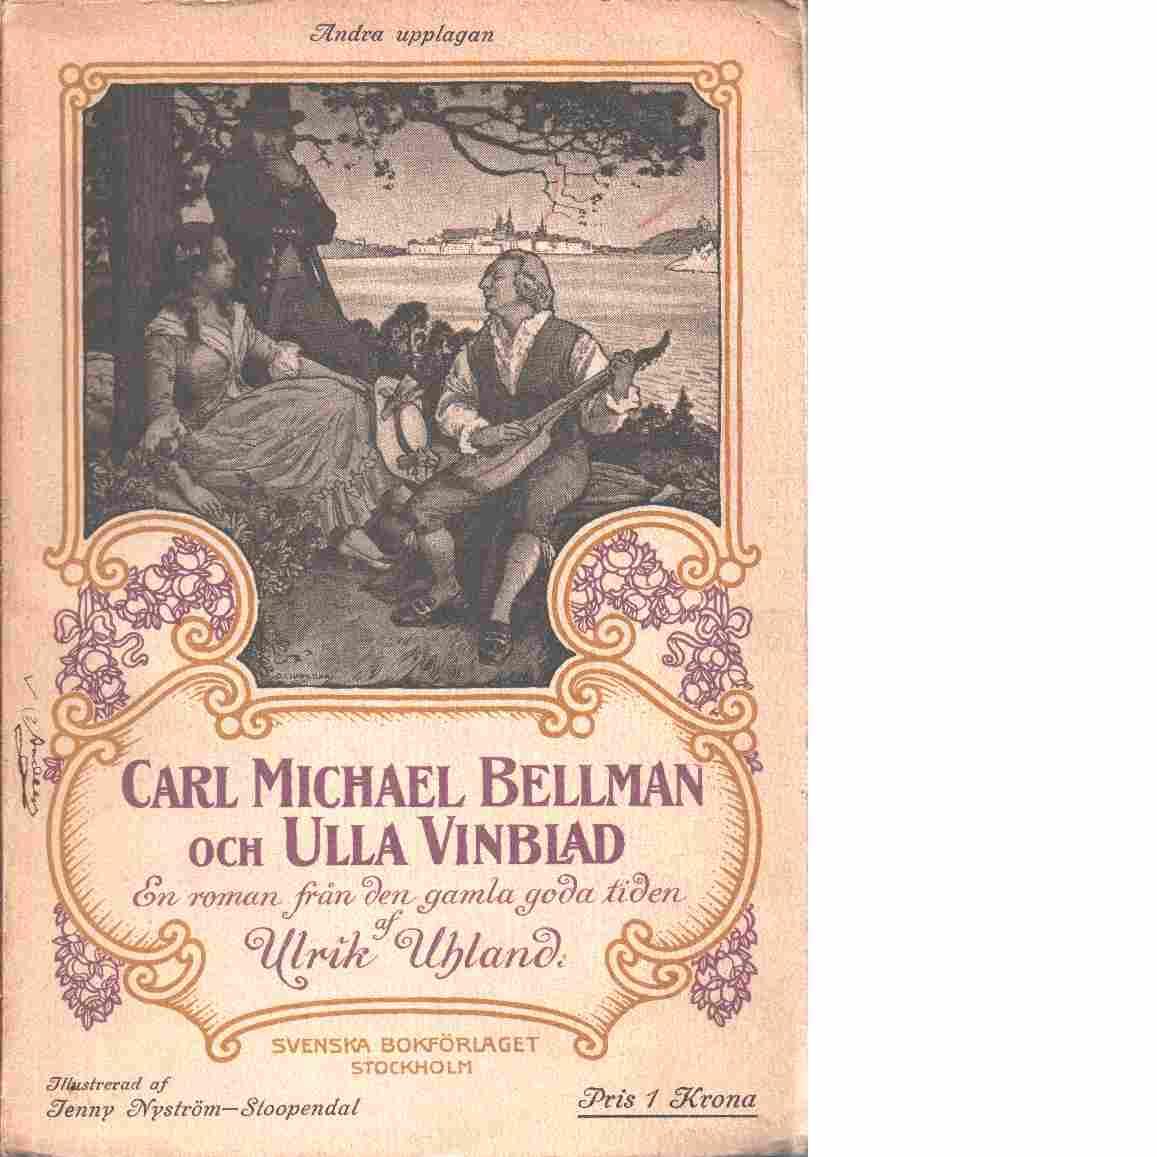 Carl Michael Bellman och Ulla Vinblad - Uhland, Ulrik